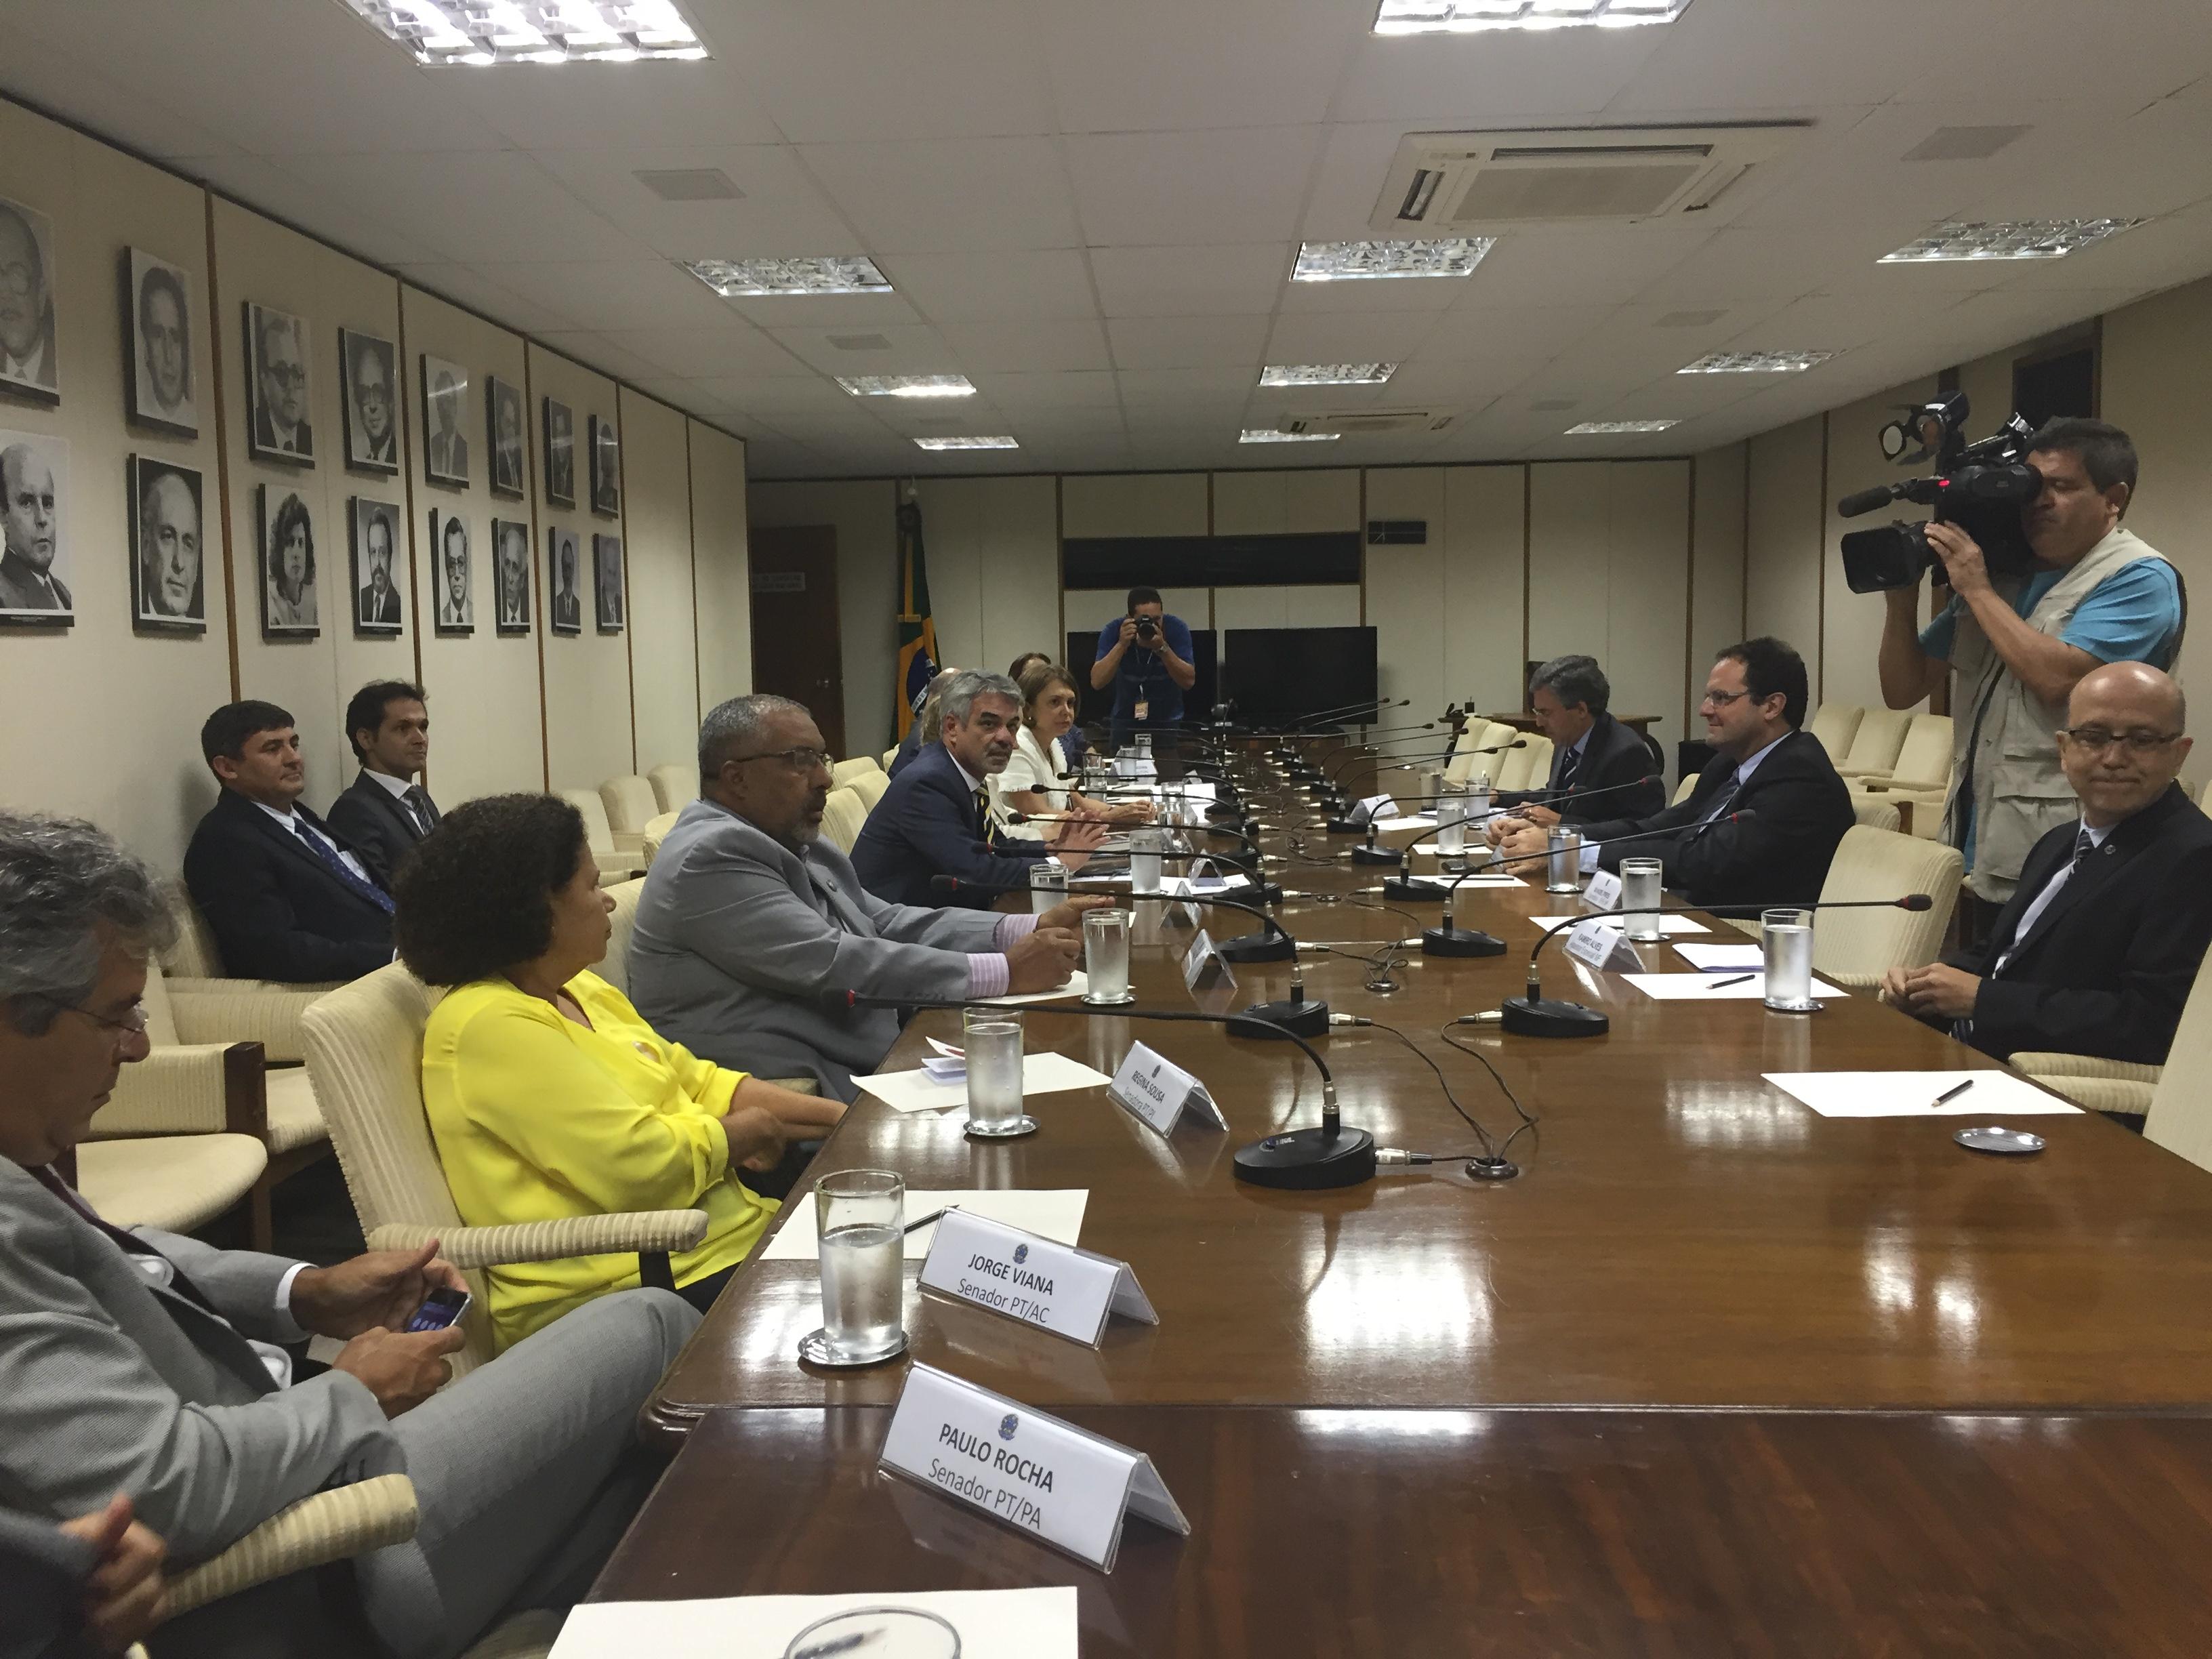 Liderados por Humberto, senadores foram ao Ministério da Fazenda para reunião com Barbosa. Foto: Assessoria de Comunicação